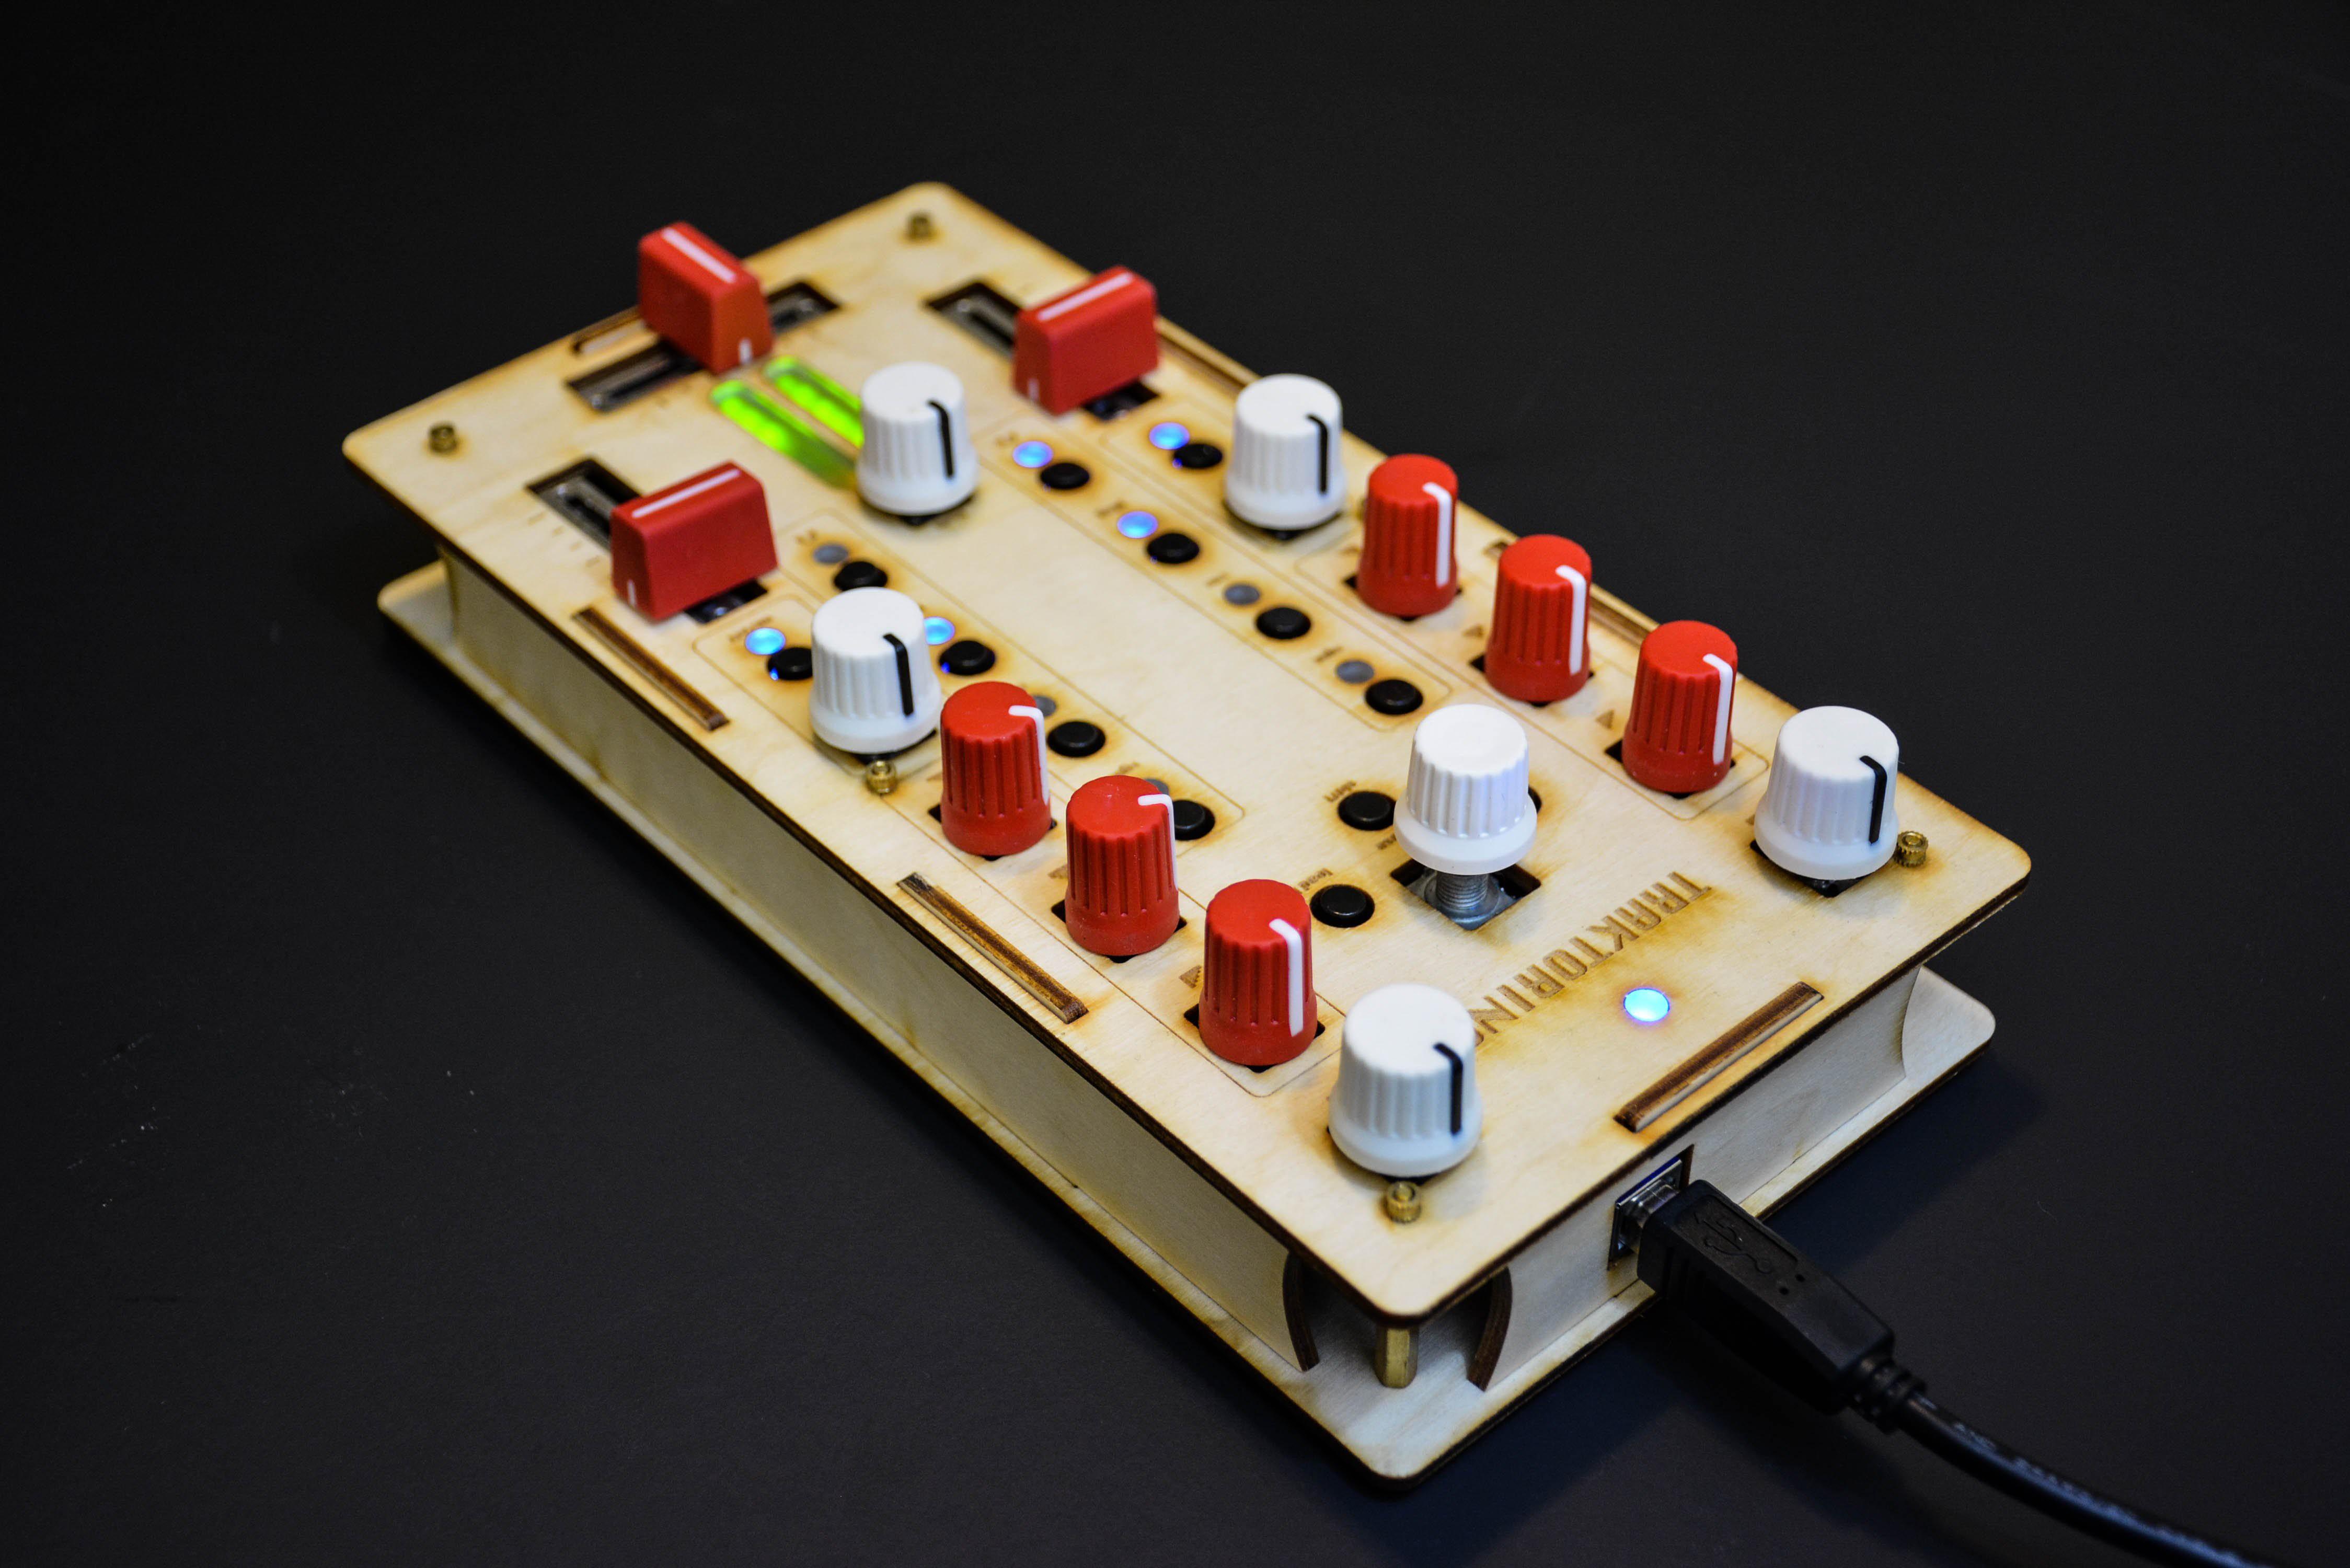 Arduino Blog » Traktorino is an open-source DIY MIDI controller for DJs